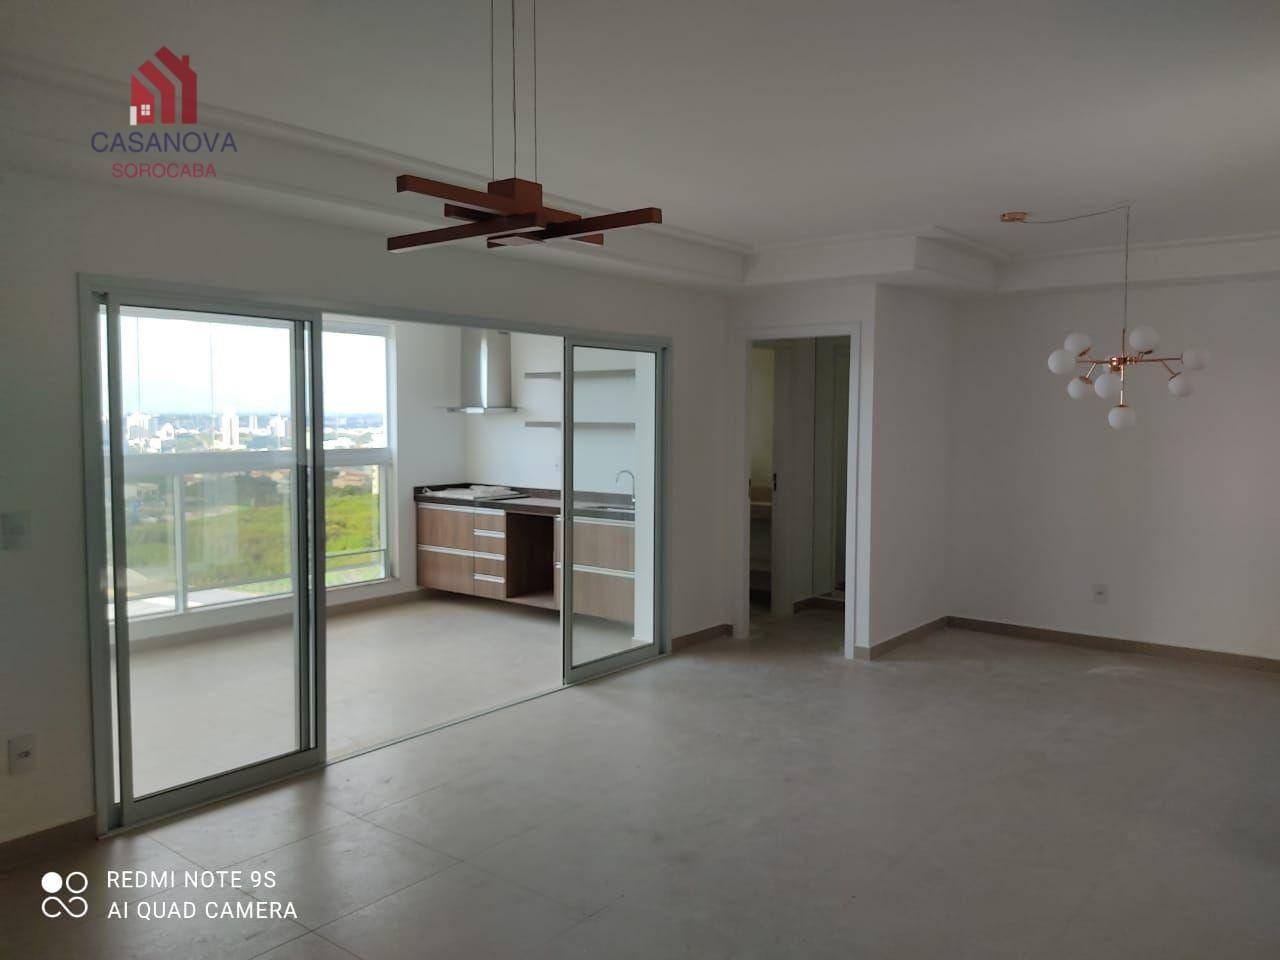 https://static.arboimoveis.com.br/AP0205_CNOVA/apartamento-com-dormitorios-para-alugar-m-por-r-mes-parque-campolim-sorocabasp1626758797479yovoq.jpg